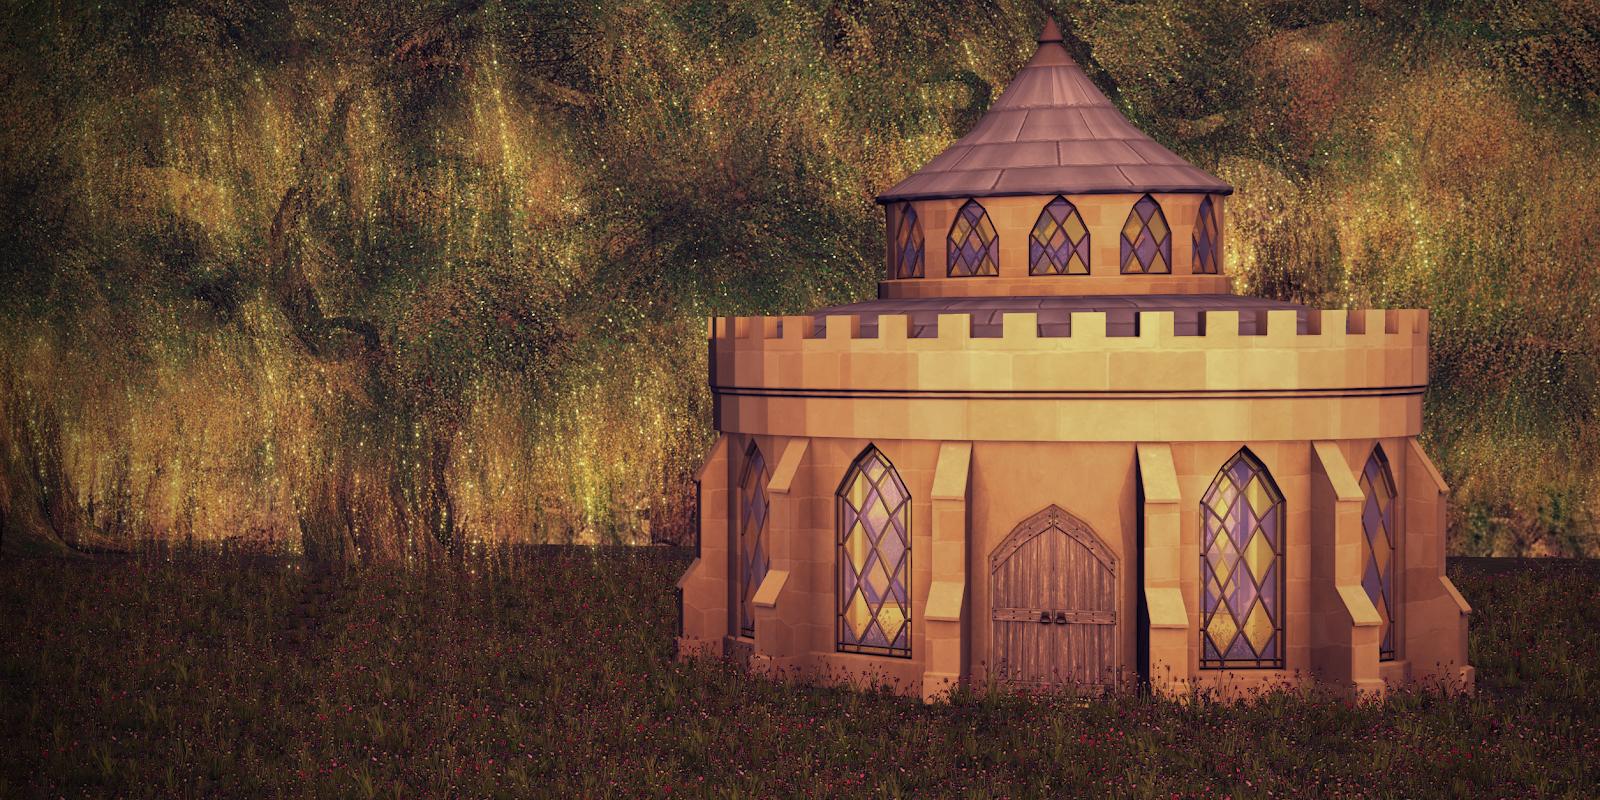 The Camelot Pavilion